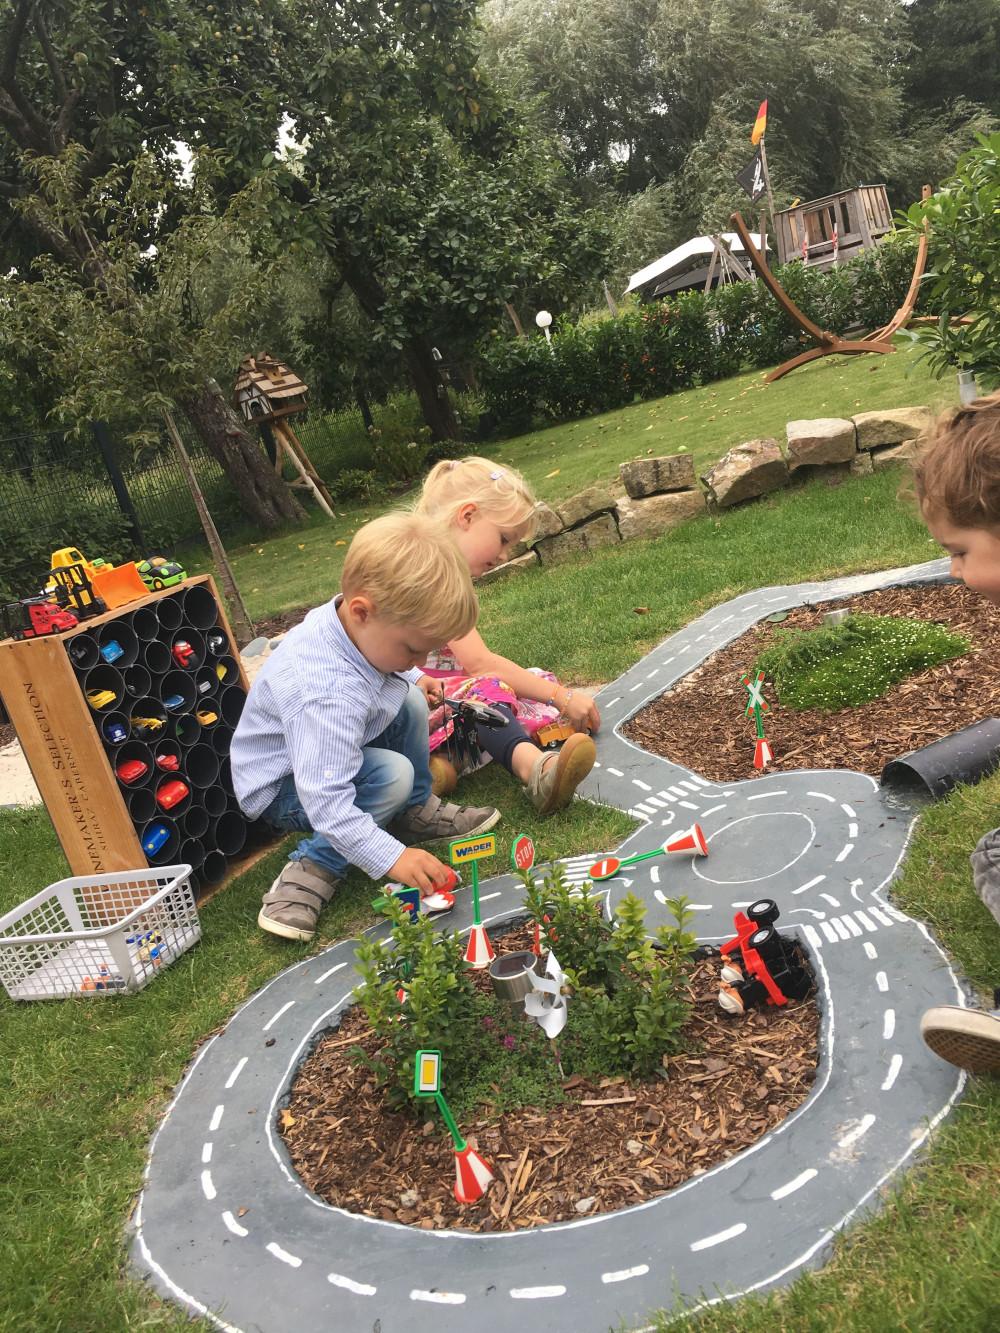 Hình 1. Một khu vui chơi ở sân sau với các đường đua sẽ thu hút cả bé gái và bé trai được trải nghiệm sống động như hiện thực.